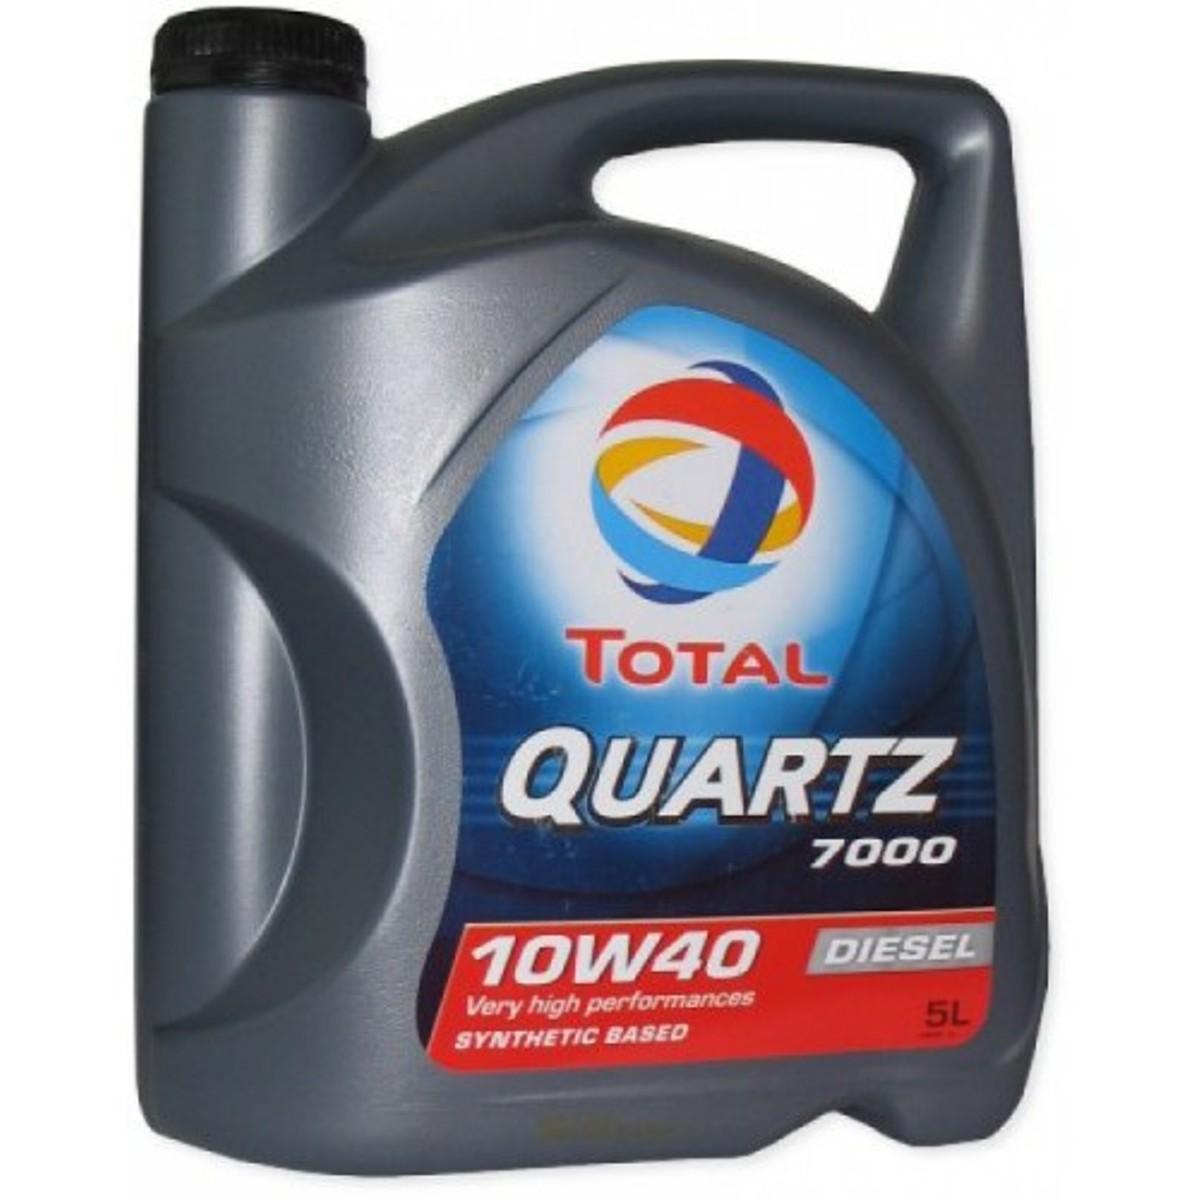 """Моторное масло Total """"Quartz Diesel 7000 10W40"""", 4 л"""